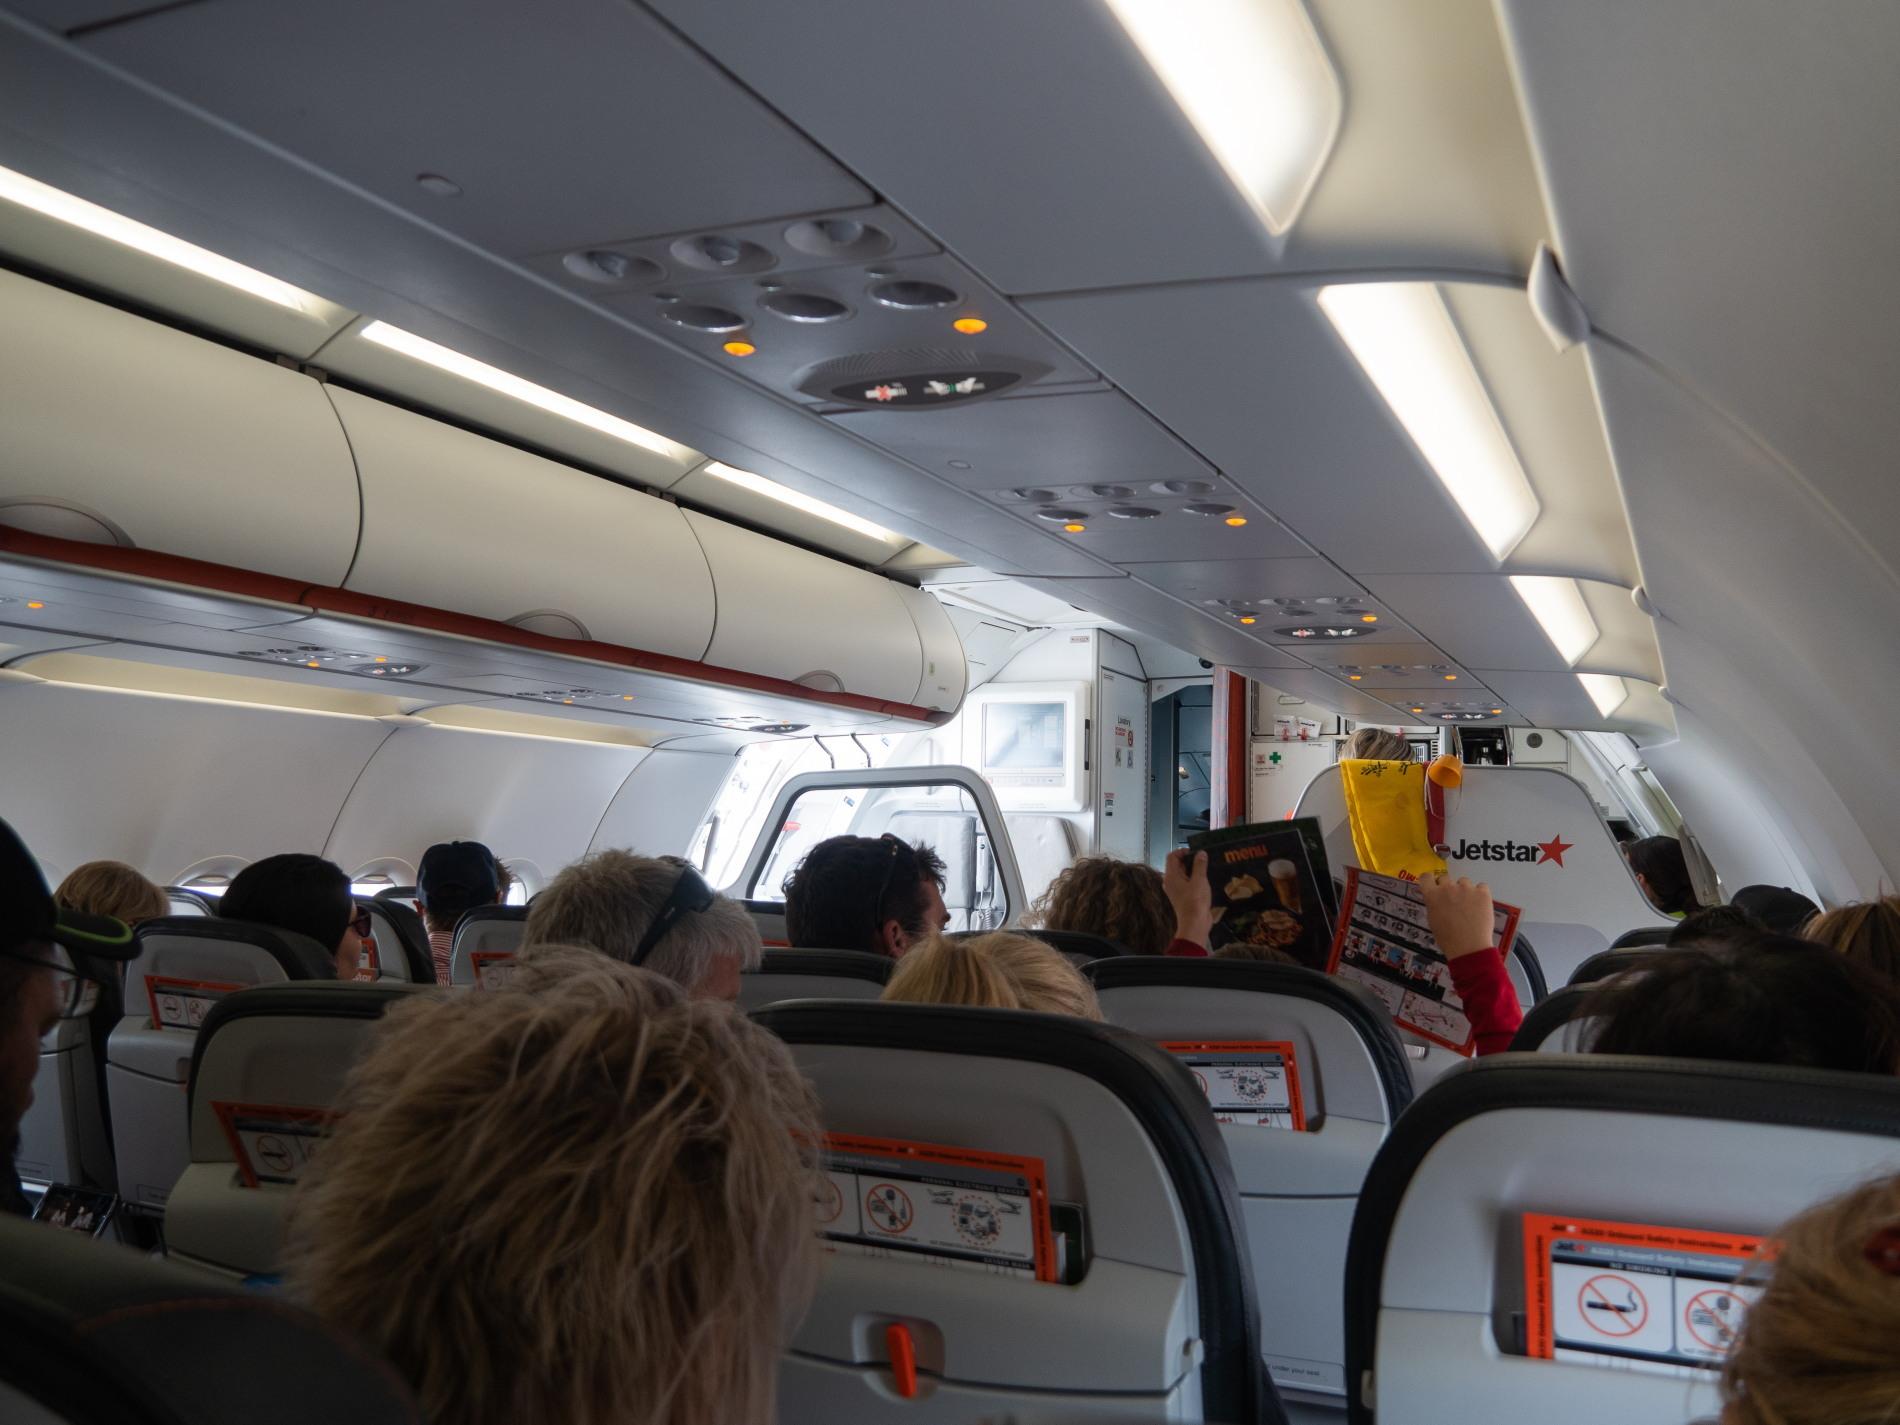 2019メルボルン・タスマニア・シドニーvol.6~飛行機でタスマニア島へ~_f0276498_23285648.jpg